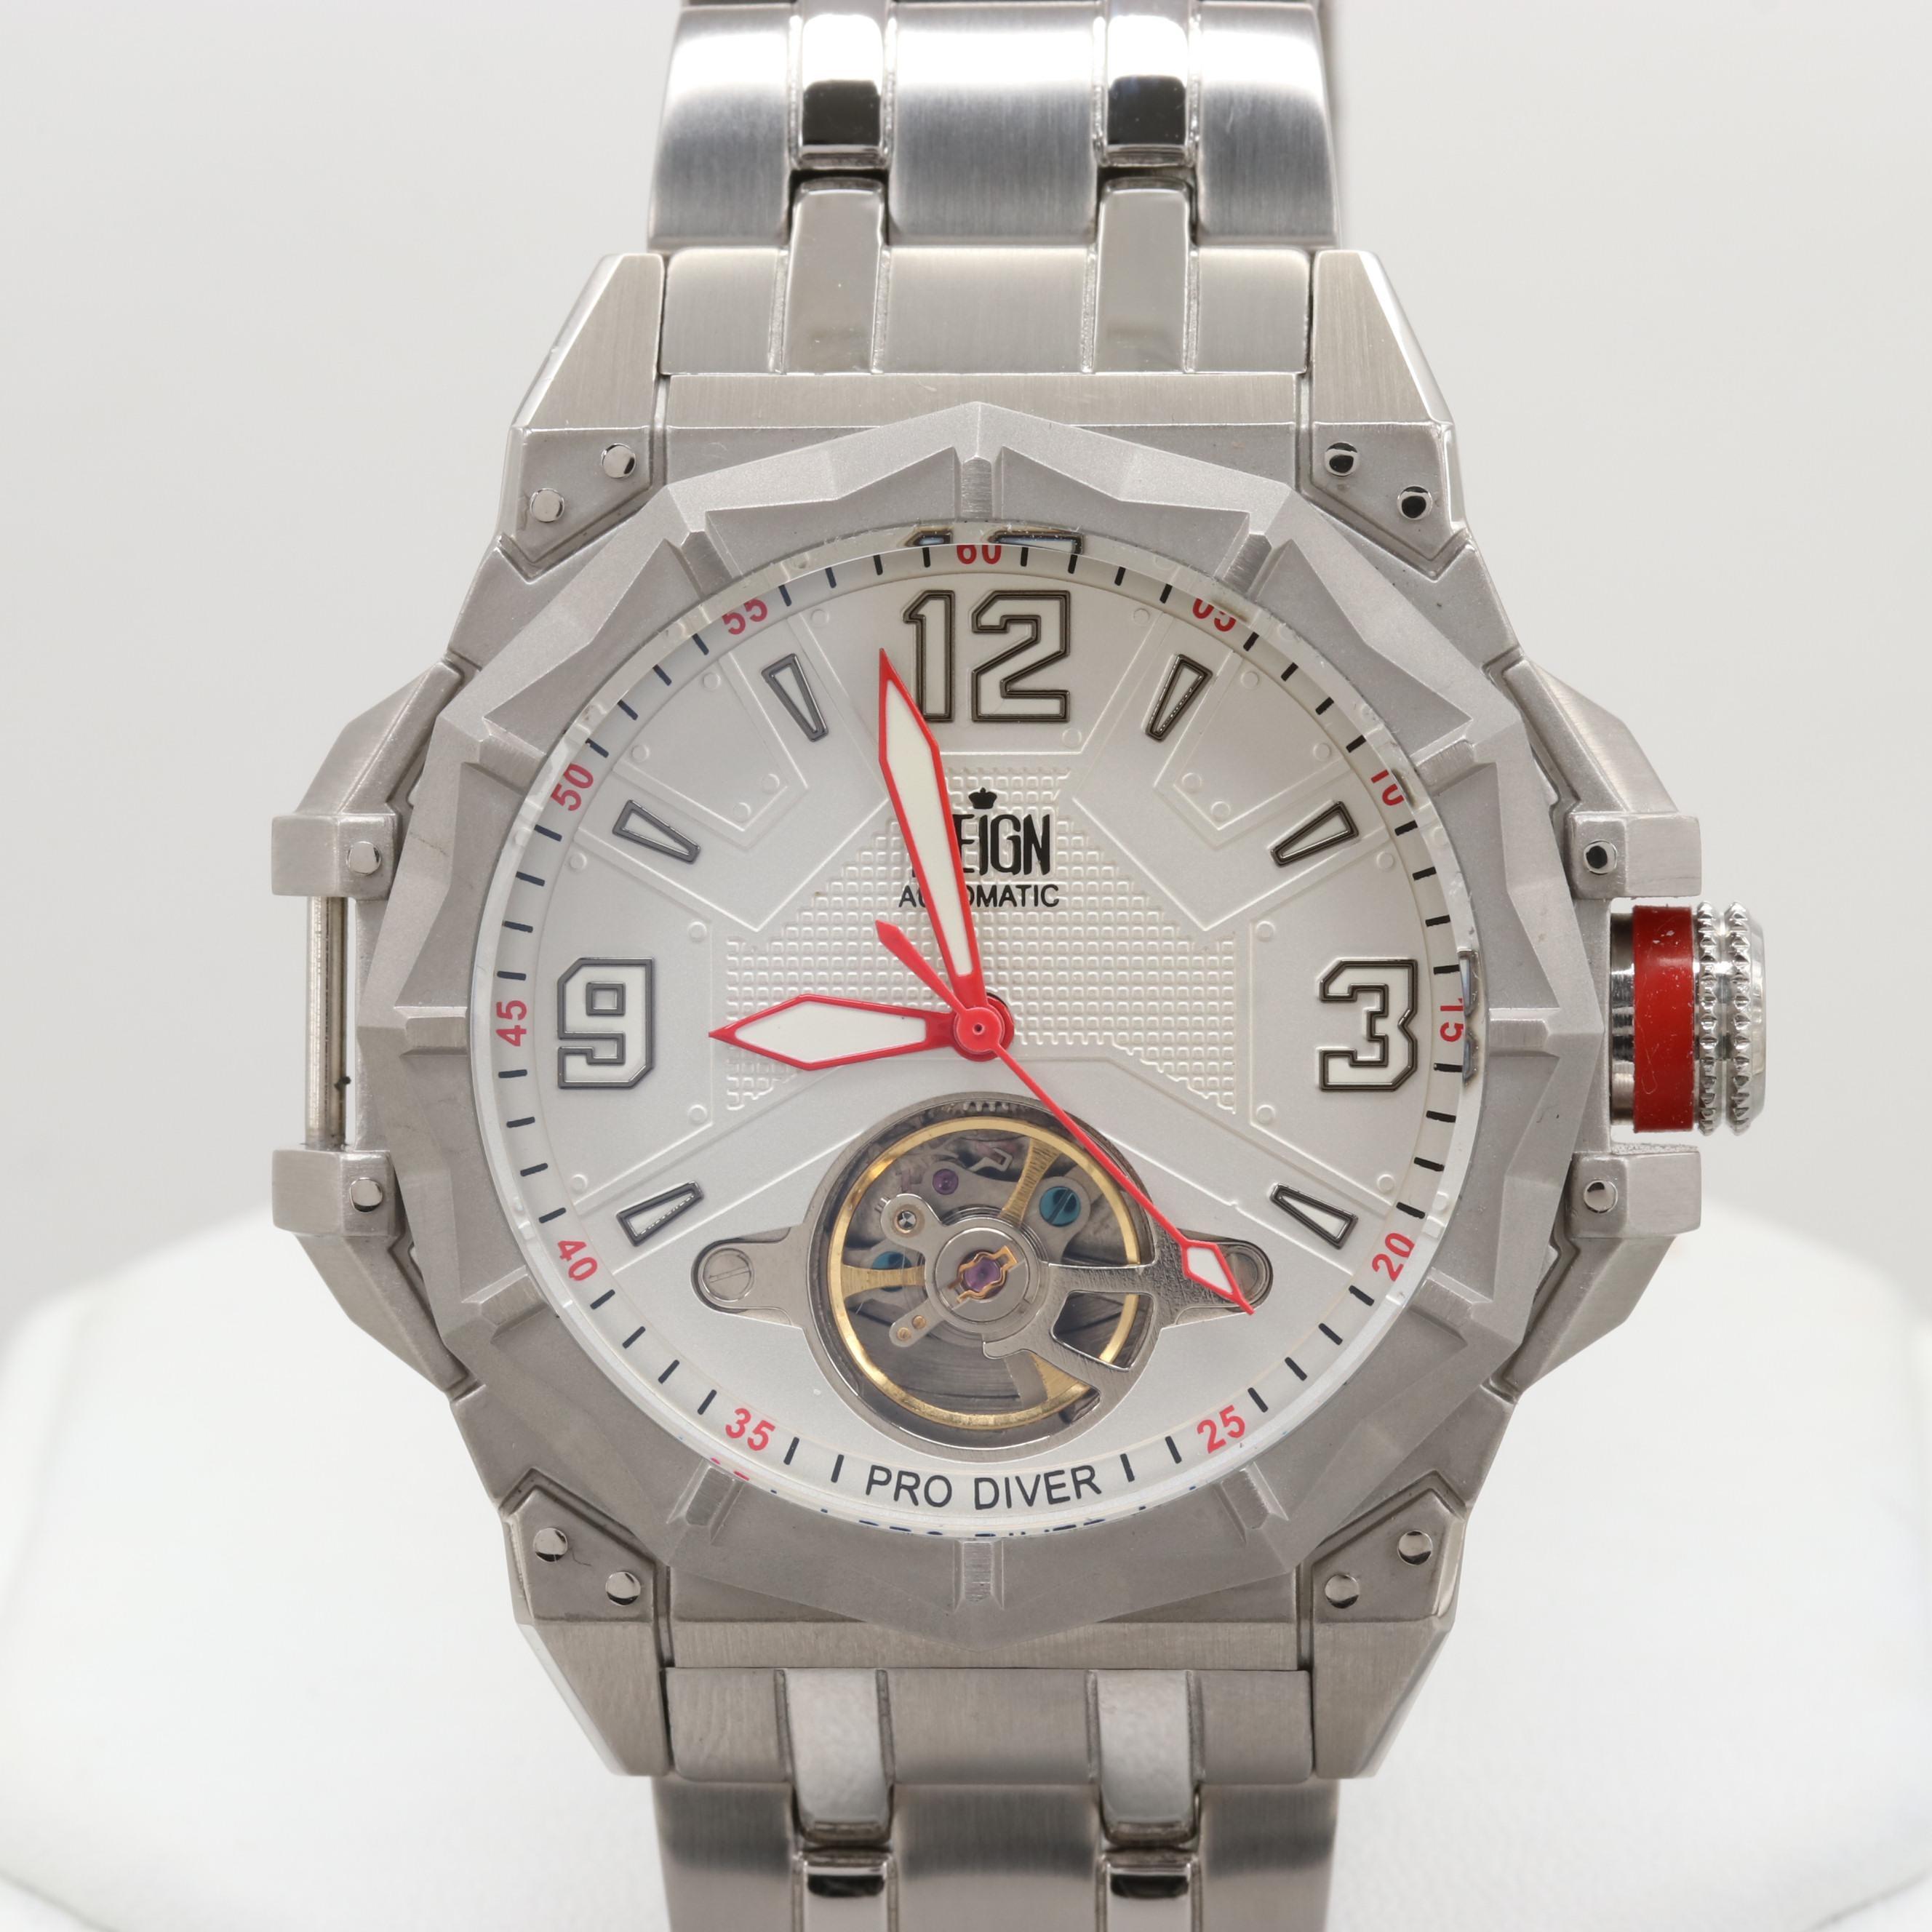 Reign Pro Diver Automatic Wristwatch